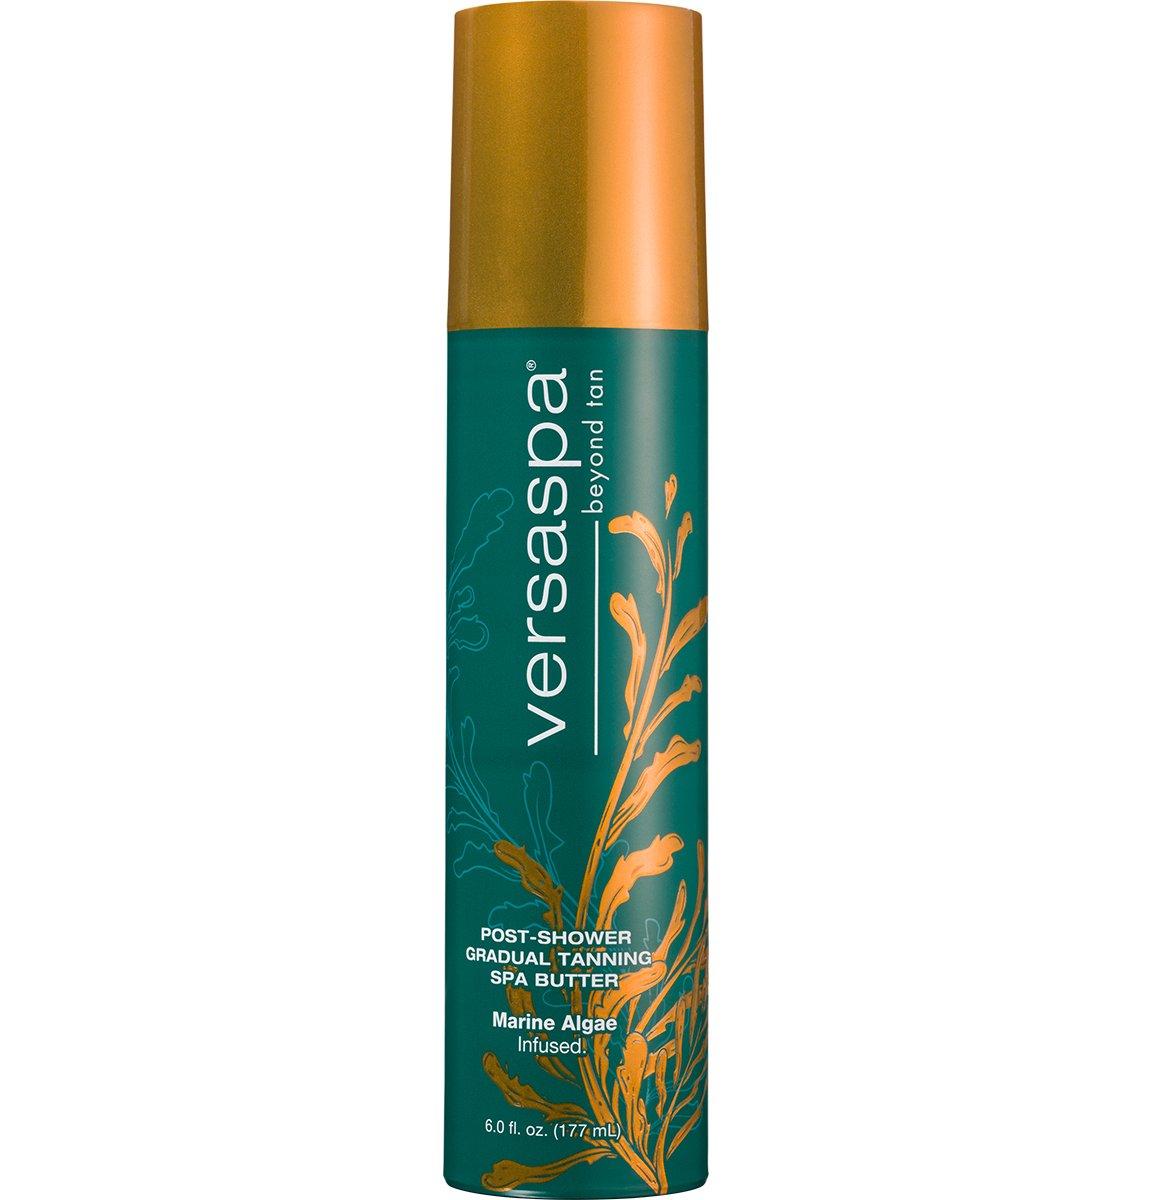 Versa Spa Gradual Tanning Spa Butter, 6 Ounces Sunless Inc. 401040